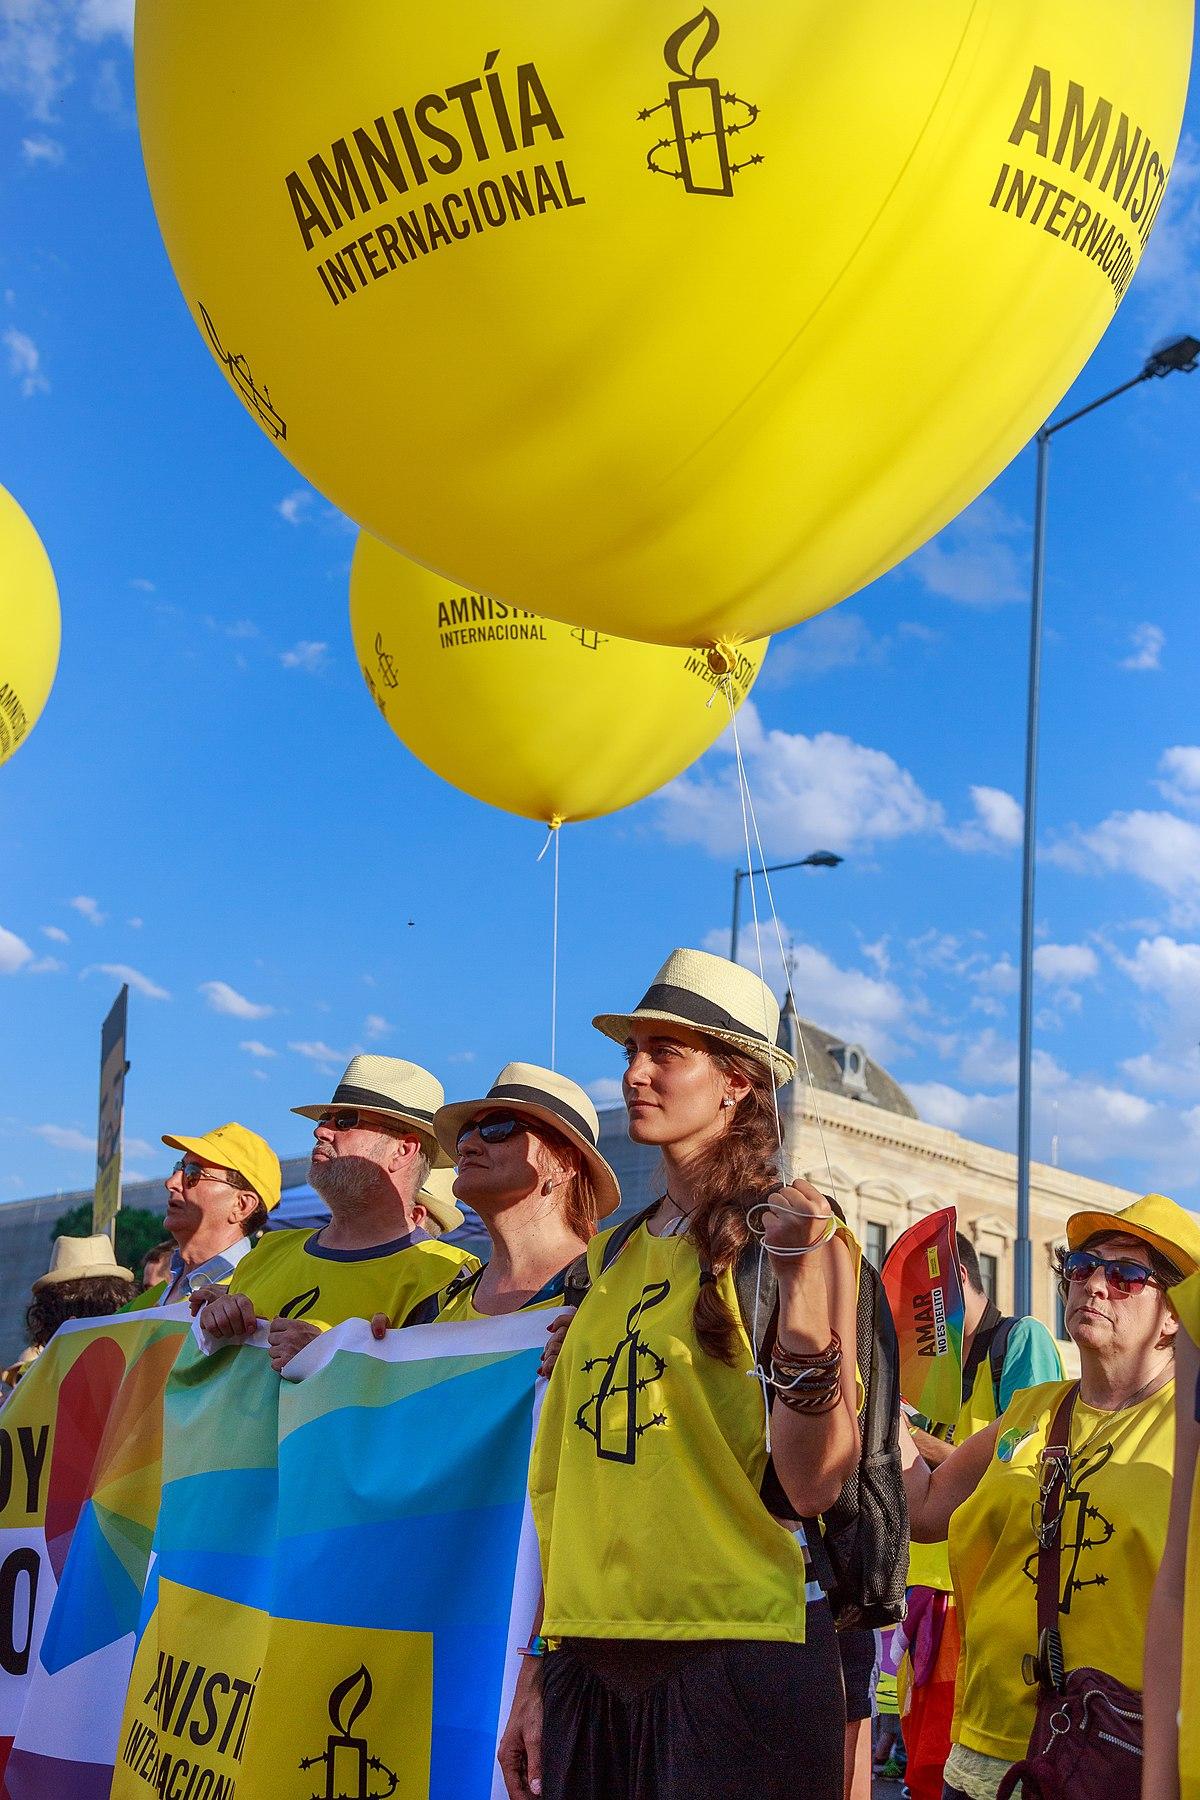 Amnistía Internacional - Wikipedia, la enciclopedia libre